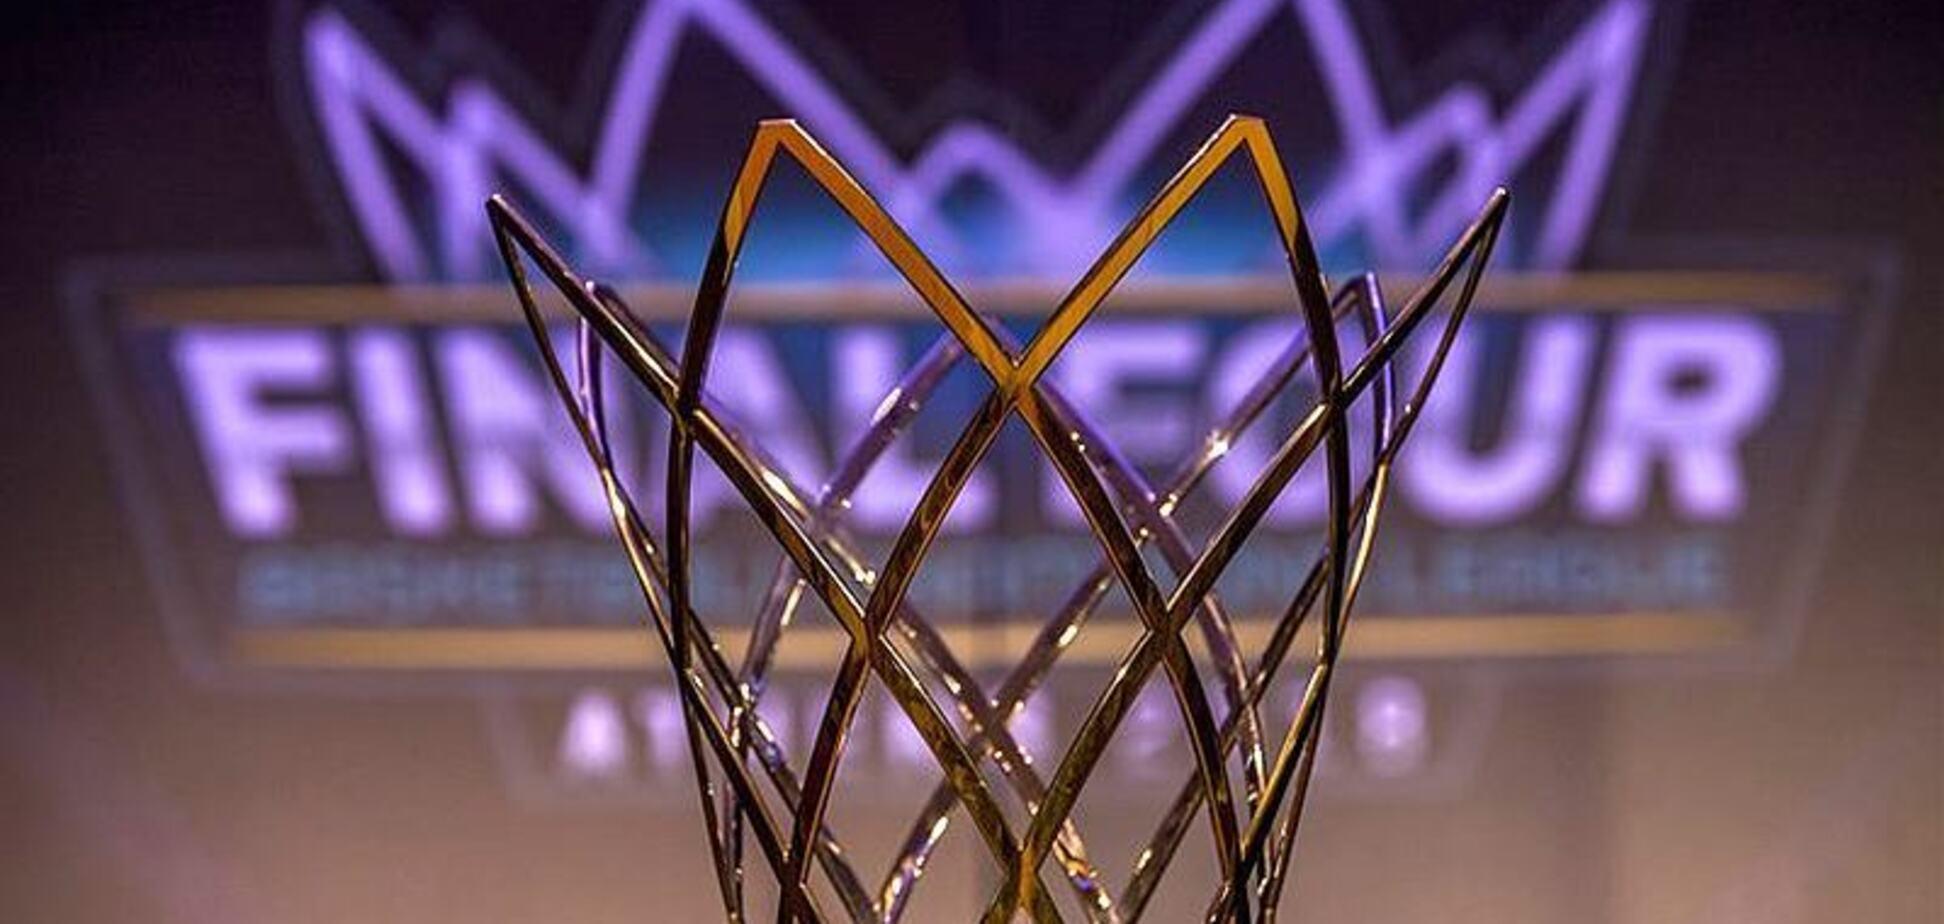 Є українець: півфіналісти ЛЧ з баскетболу